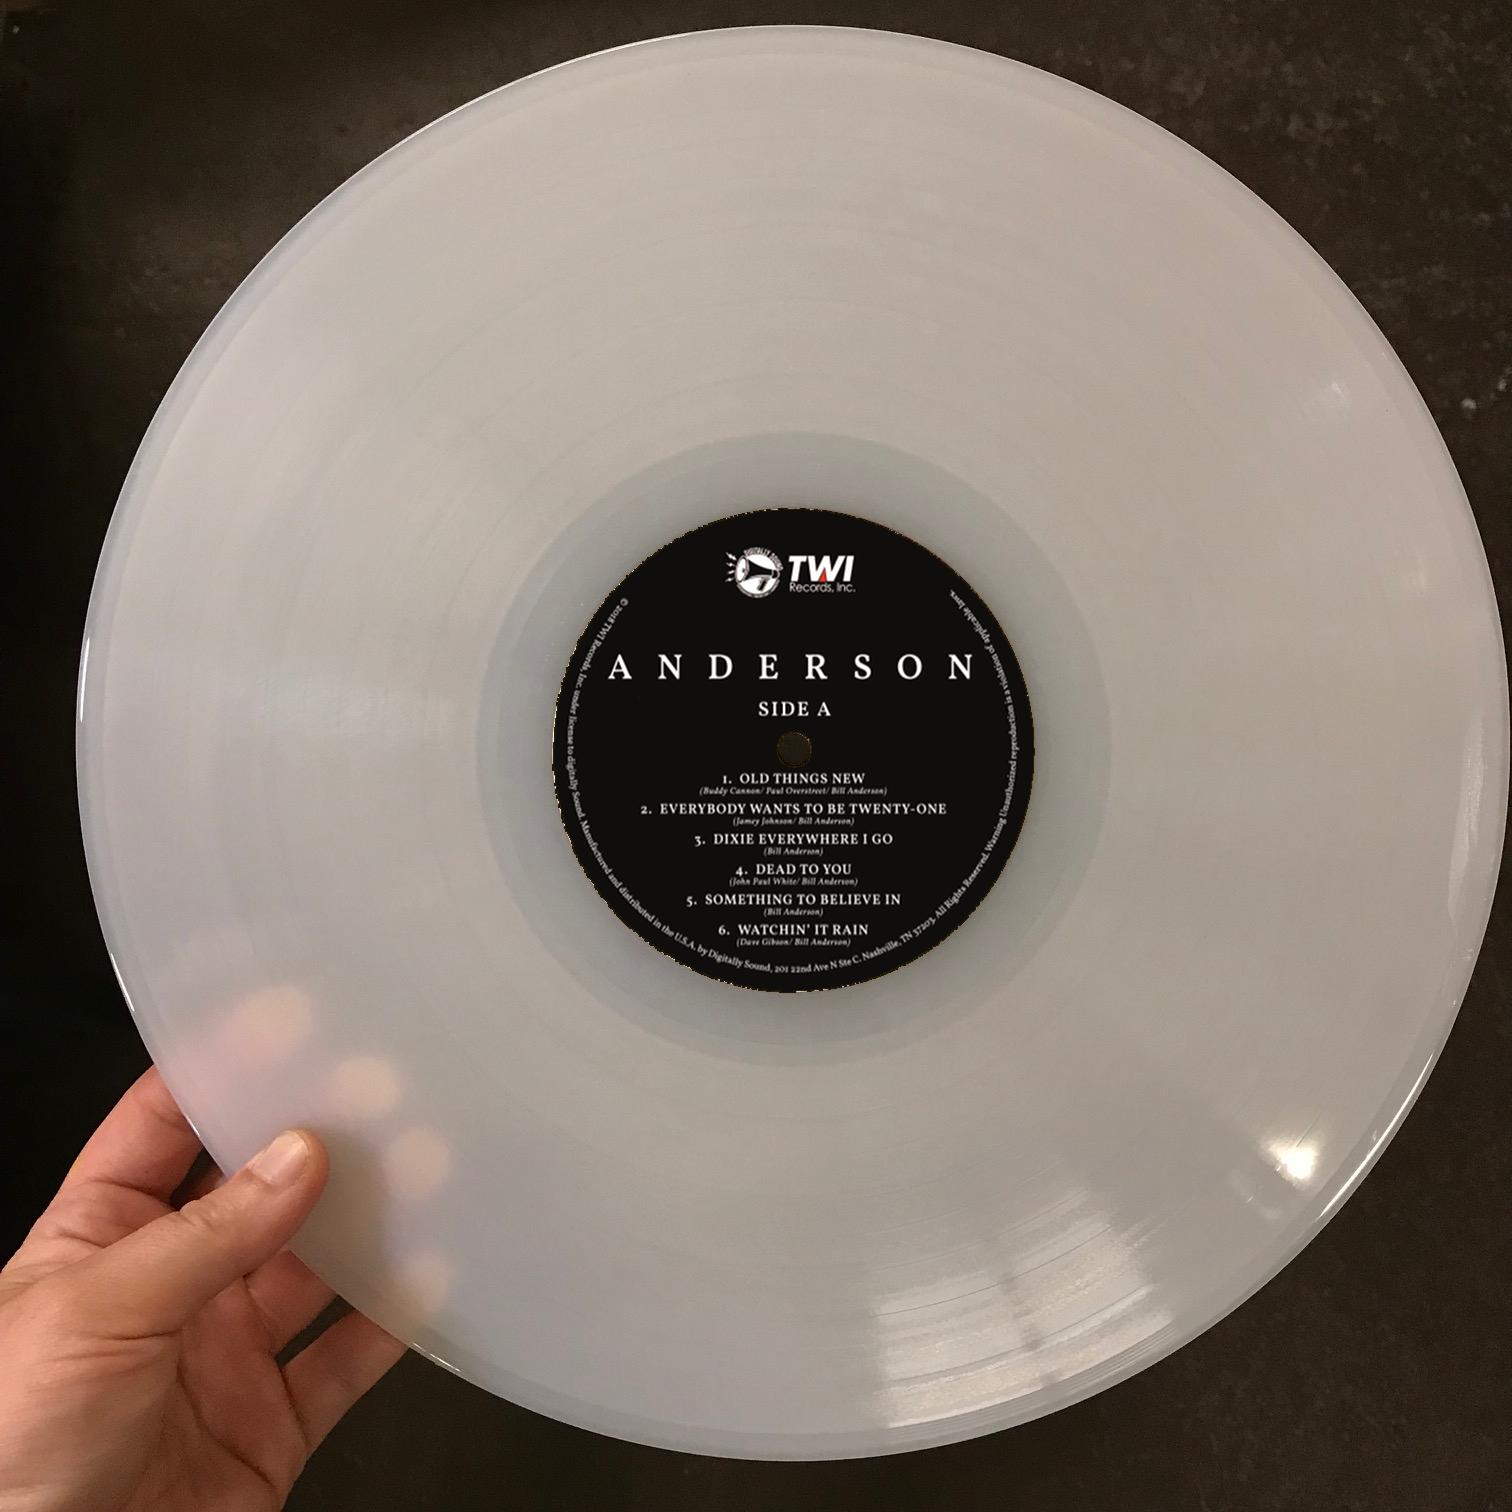 ANDERSON Vinyl LP - PRE-SALE